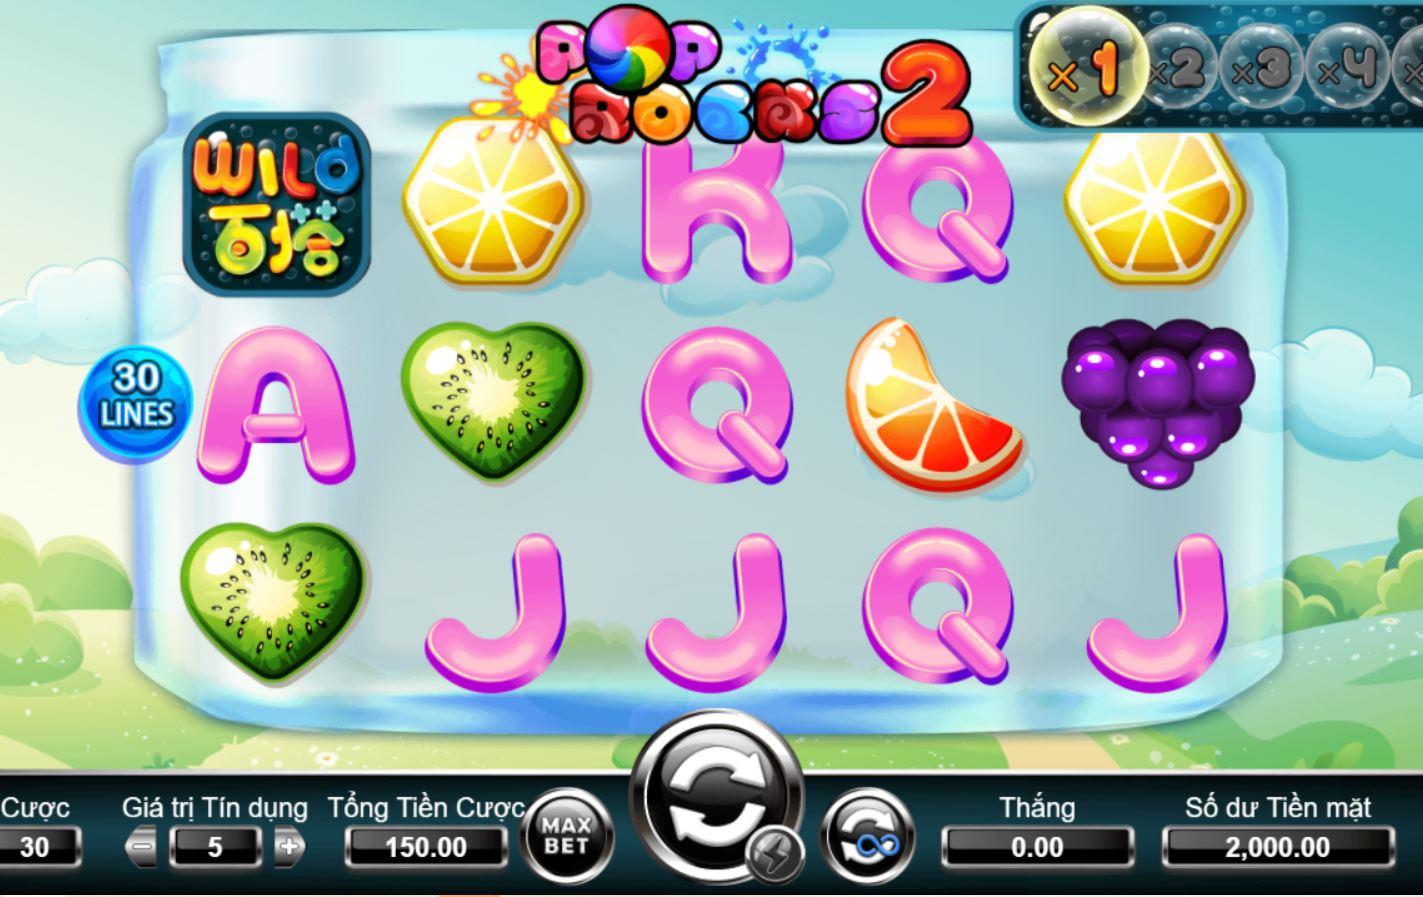 Pop Rock 2 game nổ hũ online hàng đầu, phần thưởng ngẫu nhiên liên tiếp